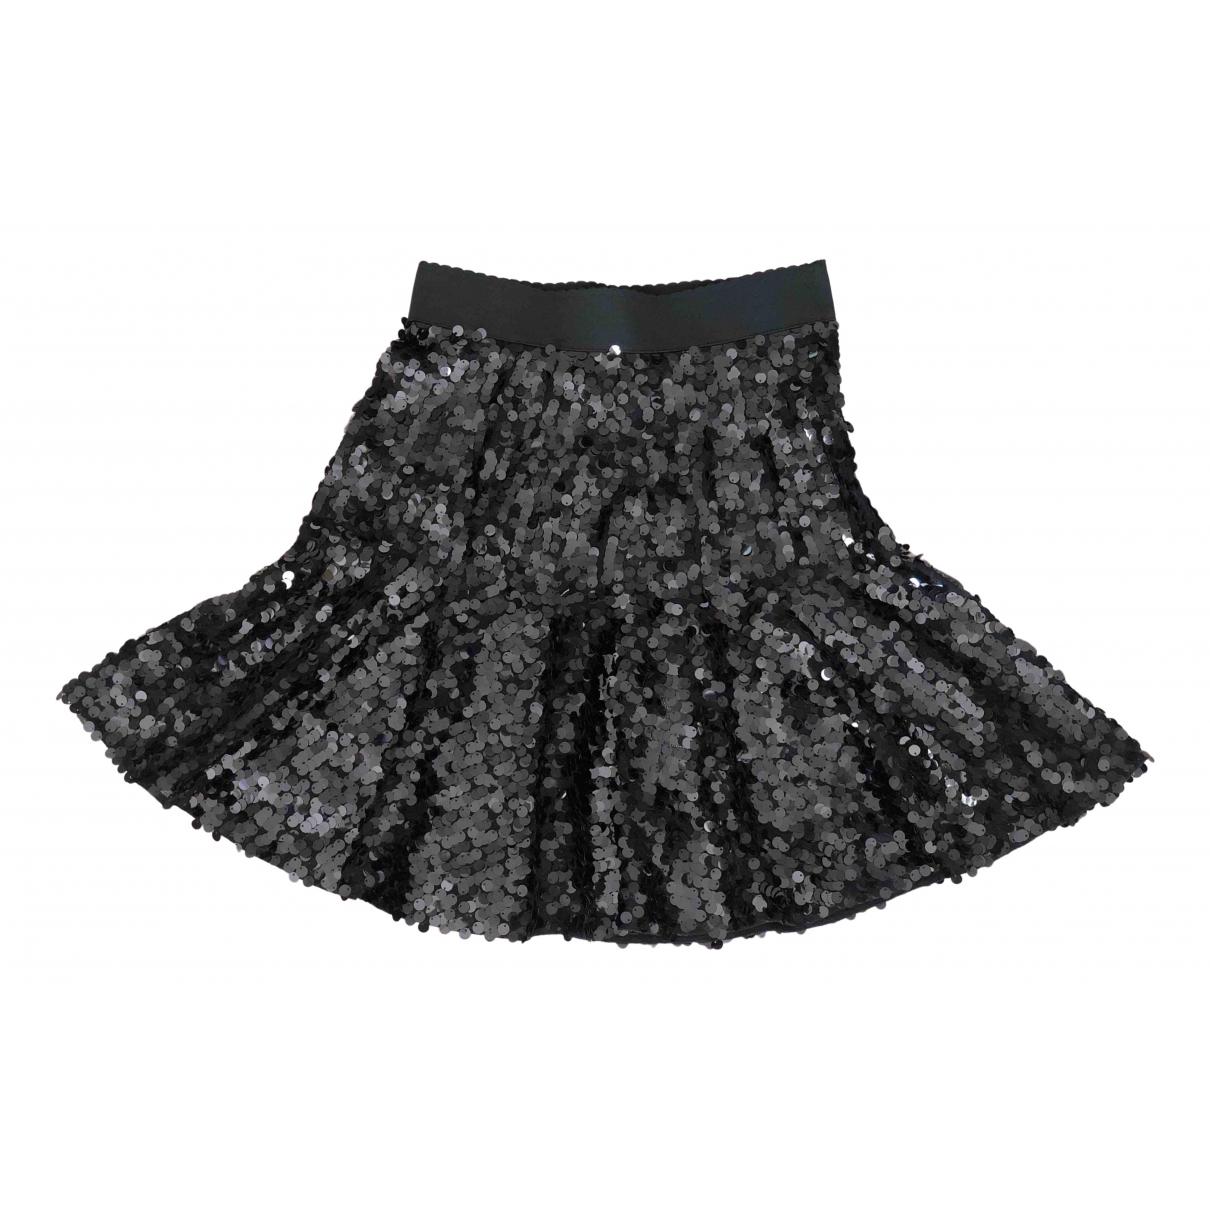 Dolce & Gabbana - Jupe   pour femme en a paillettes - noir